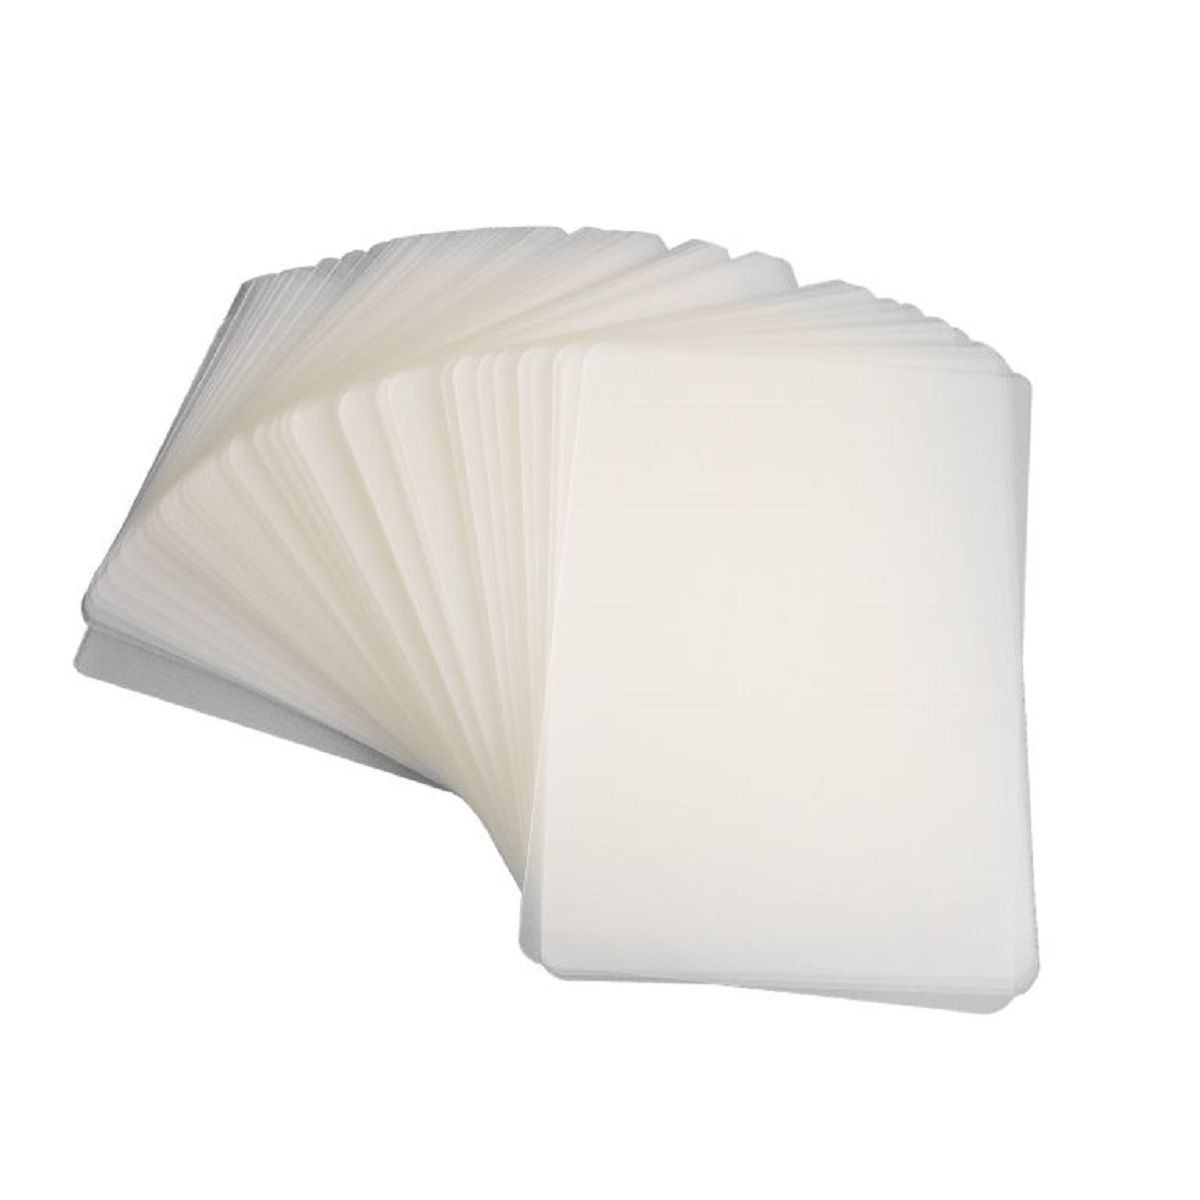 Kit 1000 Plasticos Polaseal para Plastificação CPF 66x99x0,10mm (250 micras)  - Click Suprimentos